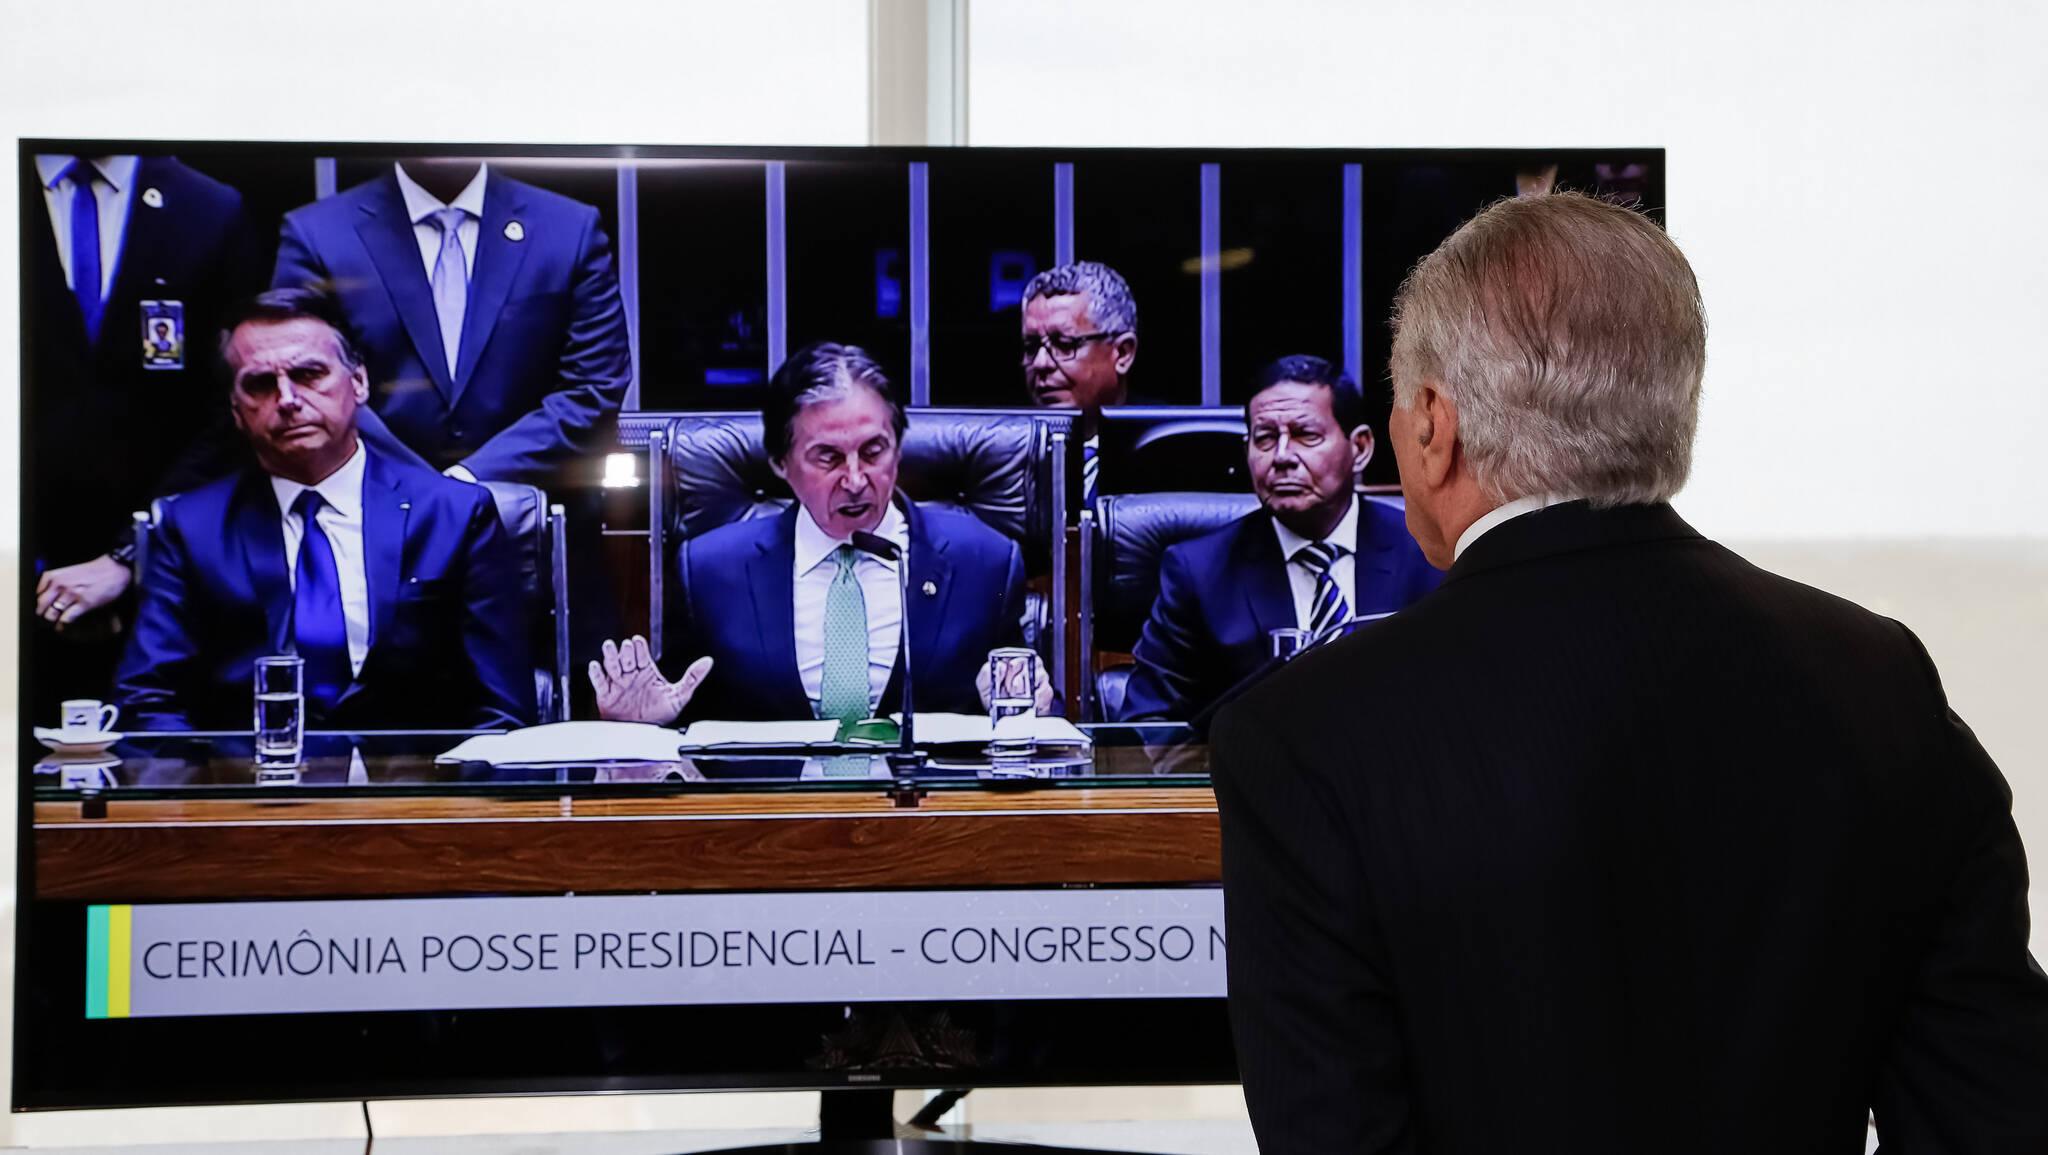 Michel Temer acompanhou cerimônia de posse de Bolsonaro no Congresso pela televisão. Foto: Rogério Melo/PR - 1.1.19